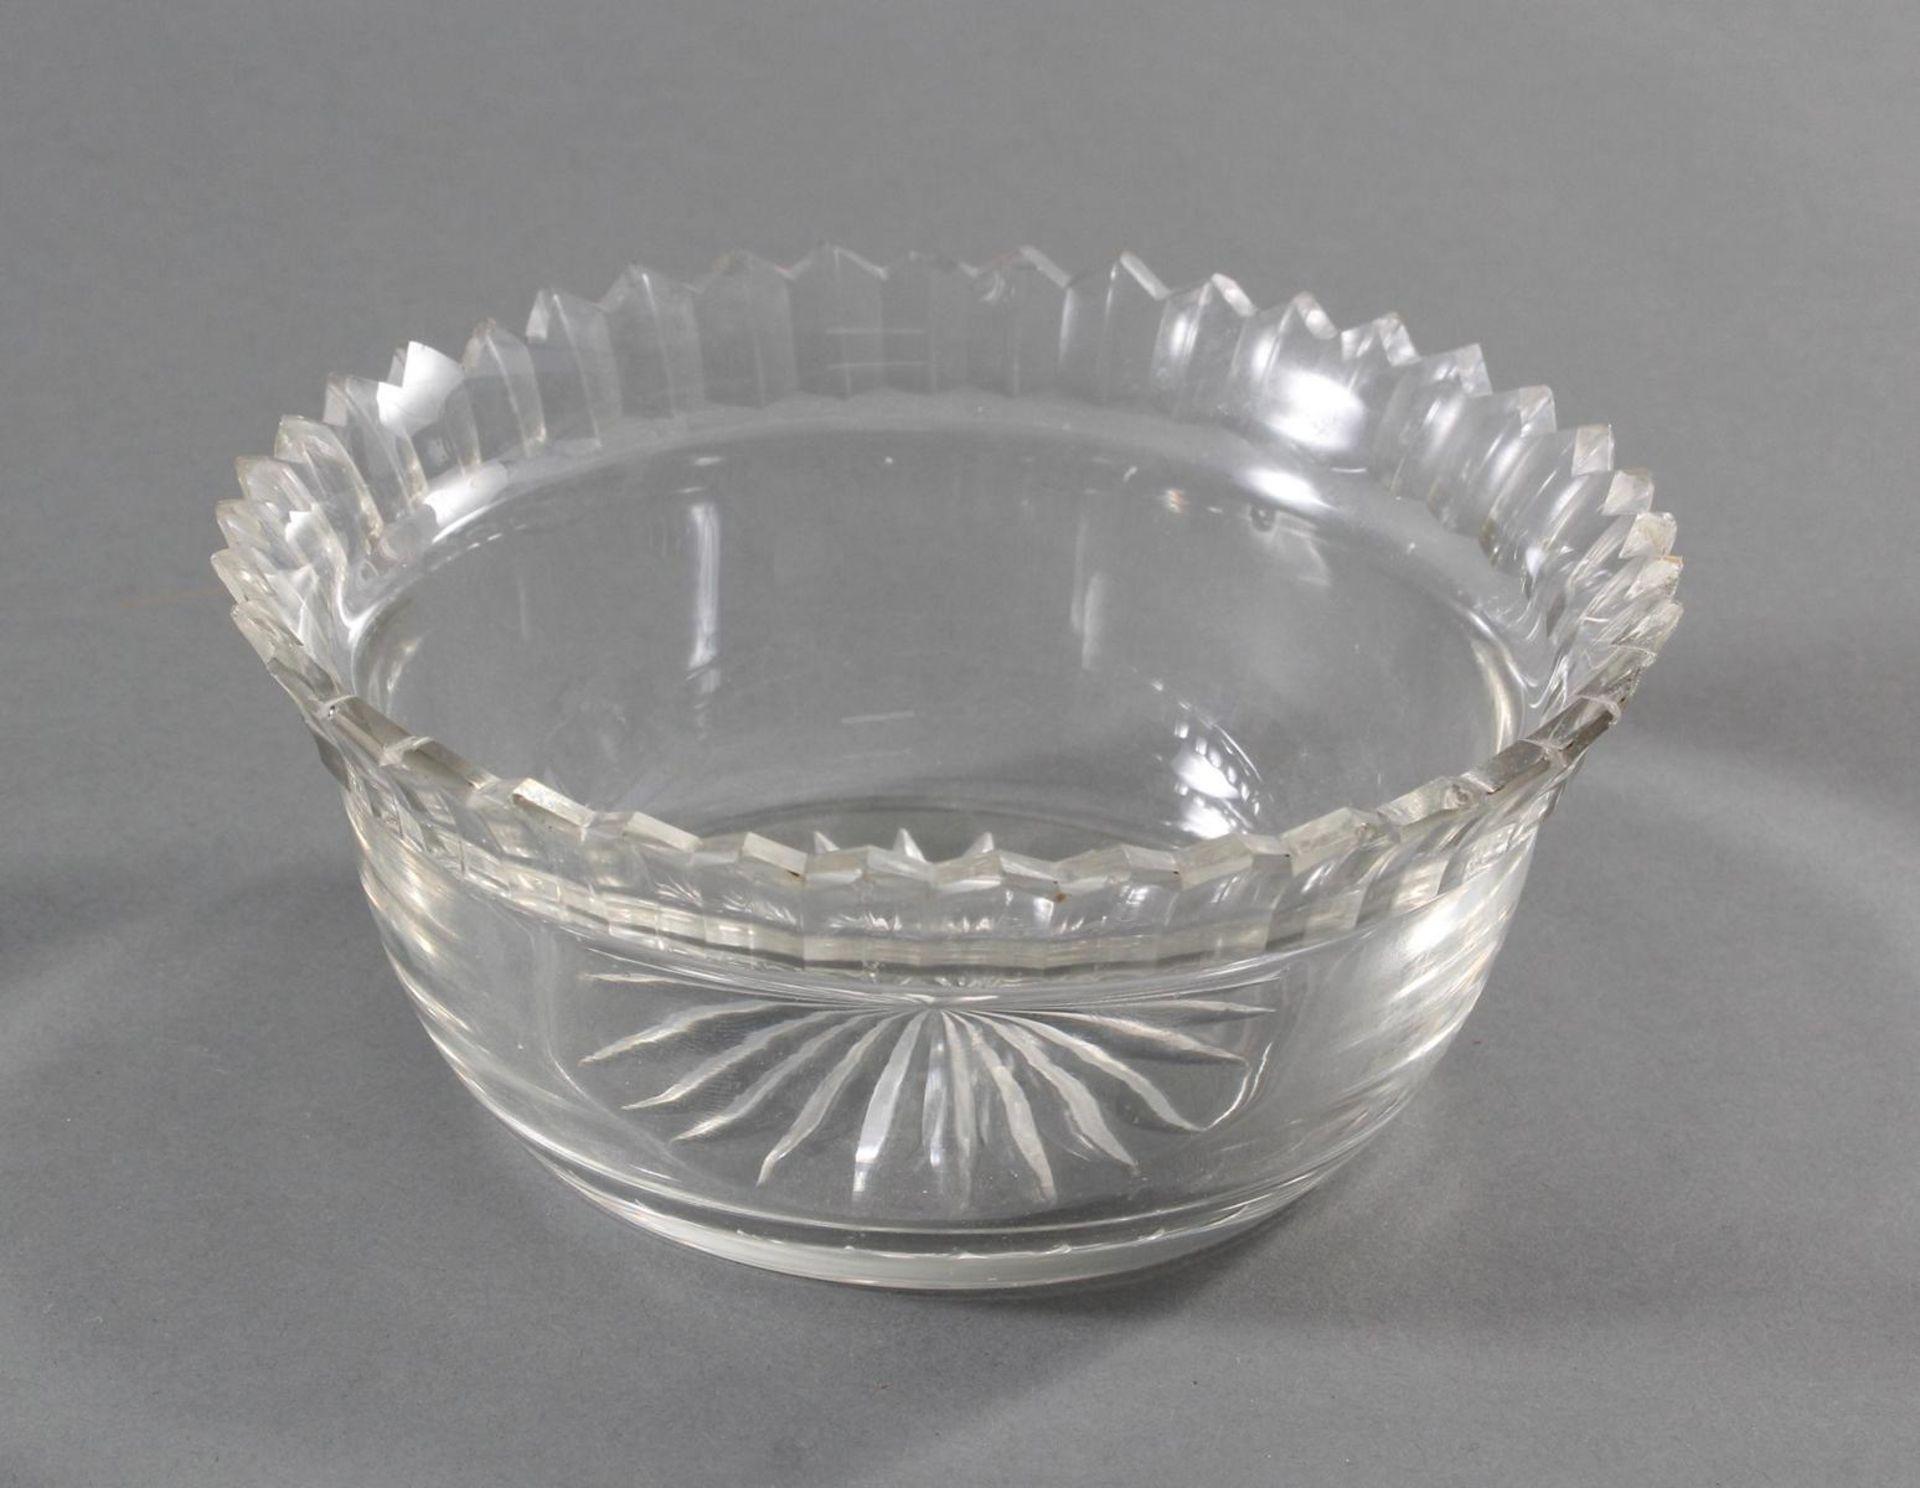 Silbernes Gebäckschälchen mit Glaseinsatz und Gravur - Bild 10 aus 11